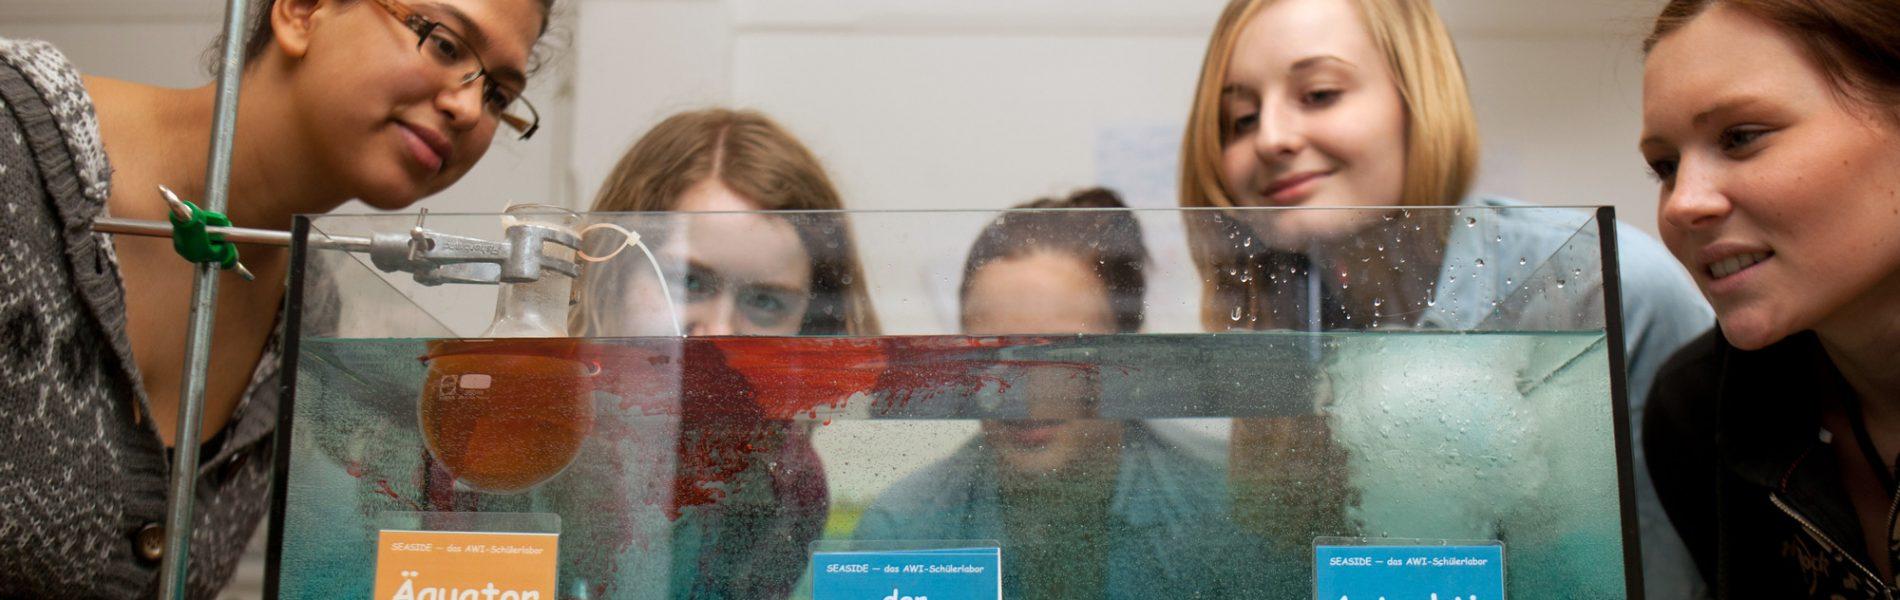 Fünf Personen stehen vor einem Behältnis mit Wasser, das das Wasser am Äquator, der Weltozeane und der Antarktis zeigt.